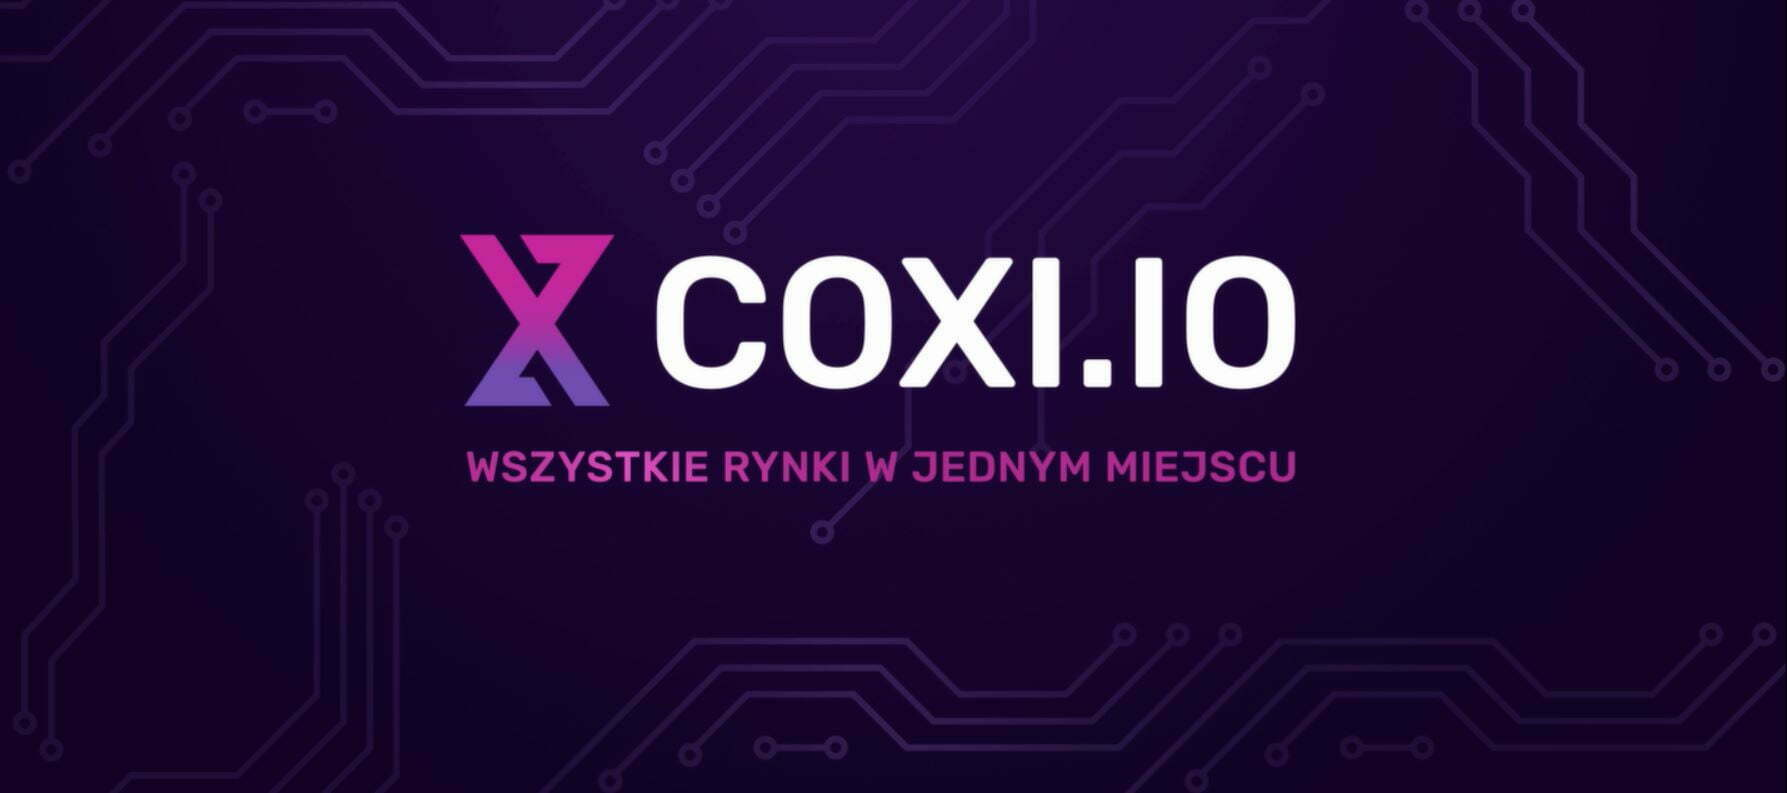 Wystartowała Nowa Polska giełda krypto Coxi.io – Rozmowa z Patrykiem Kempiński